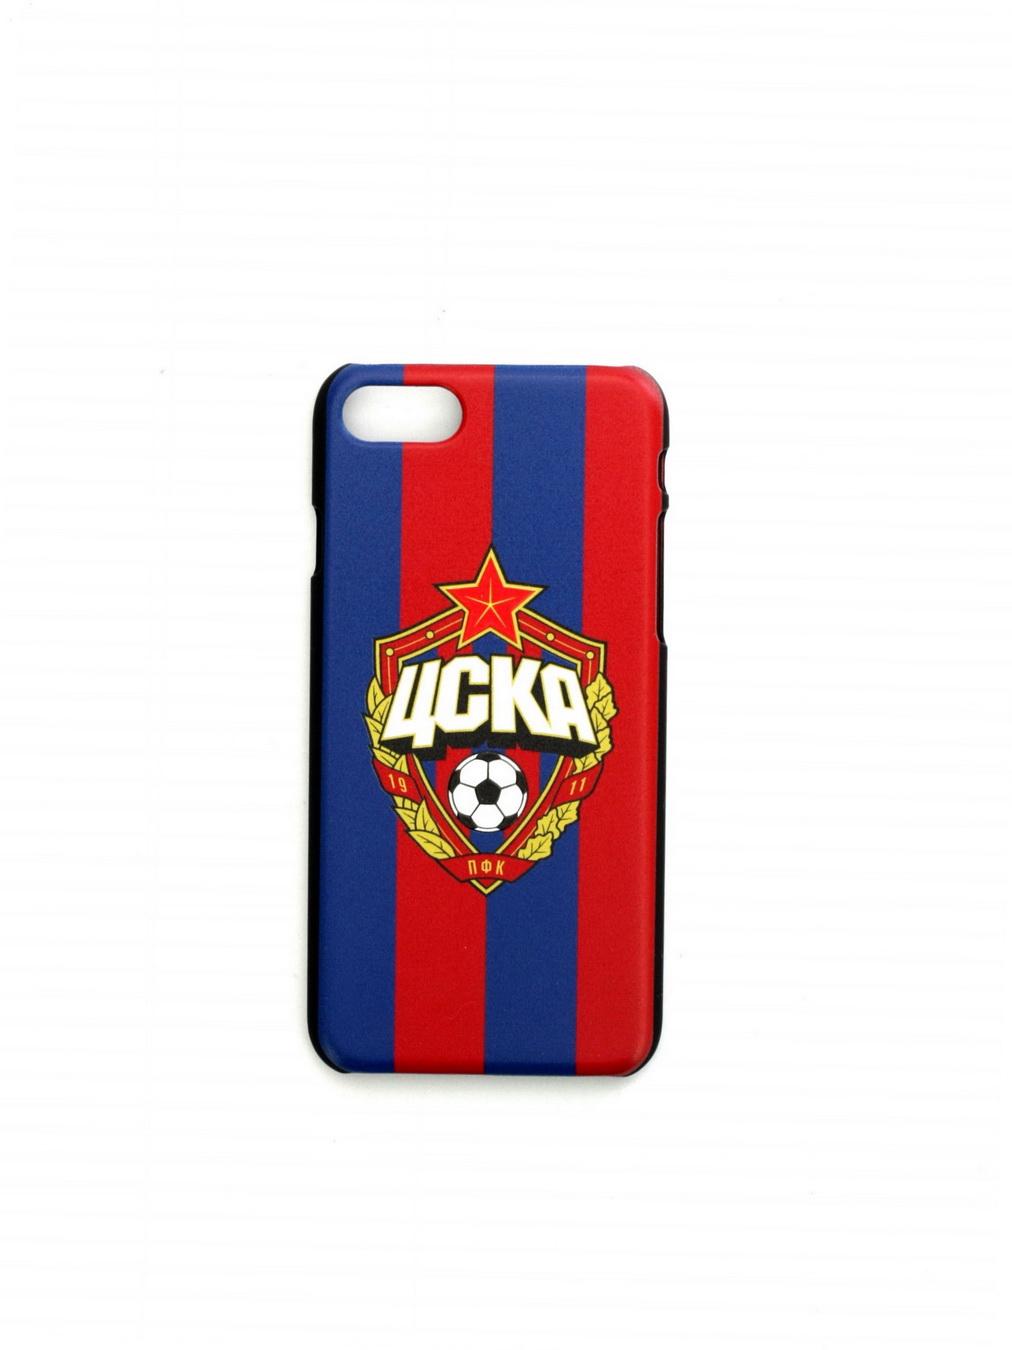 Клип-кейс для iPhone 8 с объемной эмблемой ПФК ЦСКА, цвет красно-синий